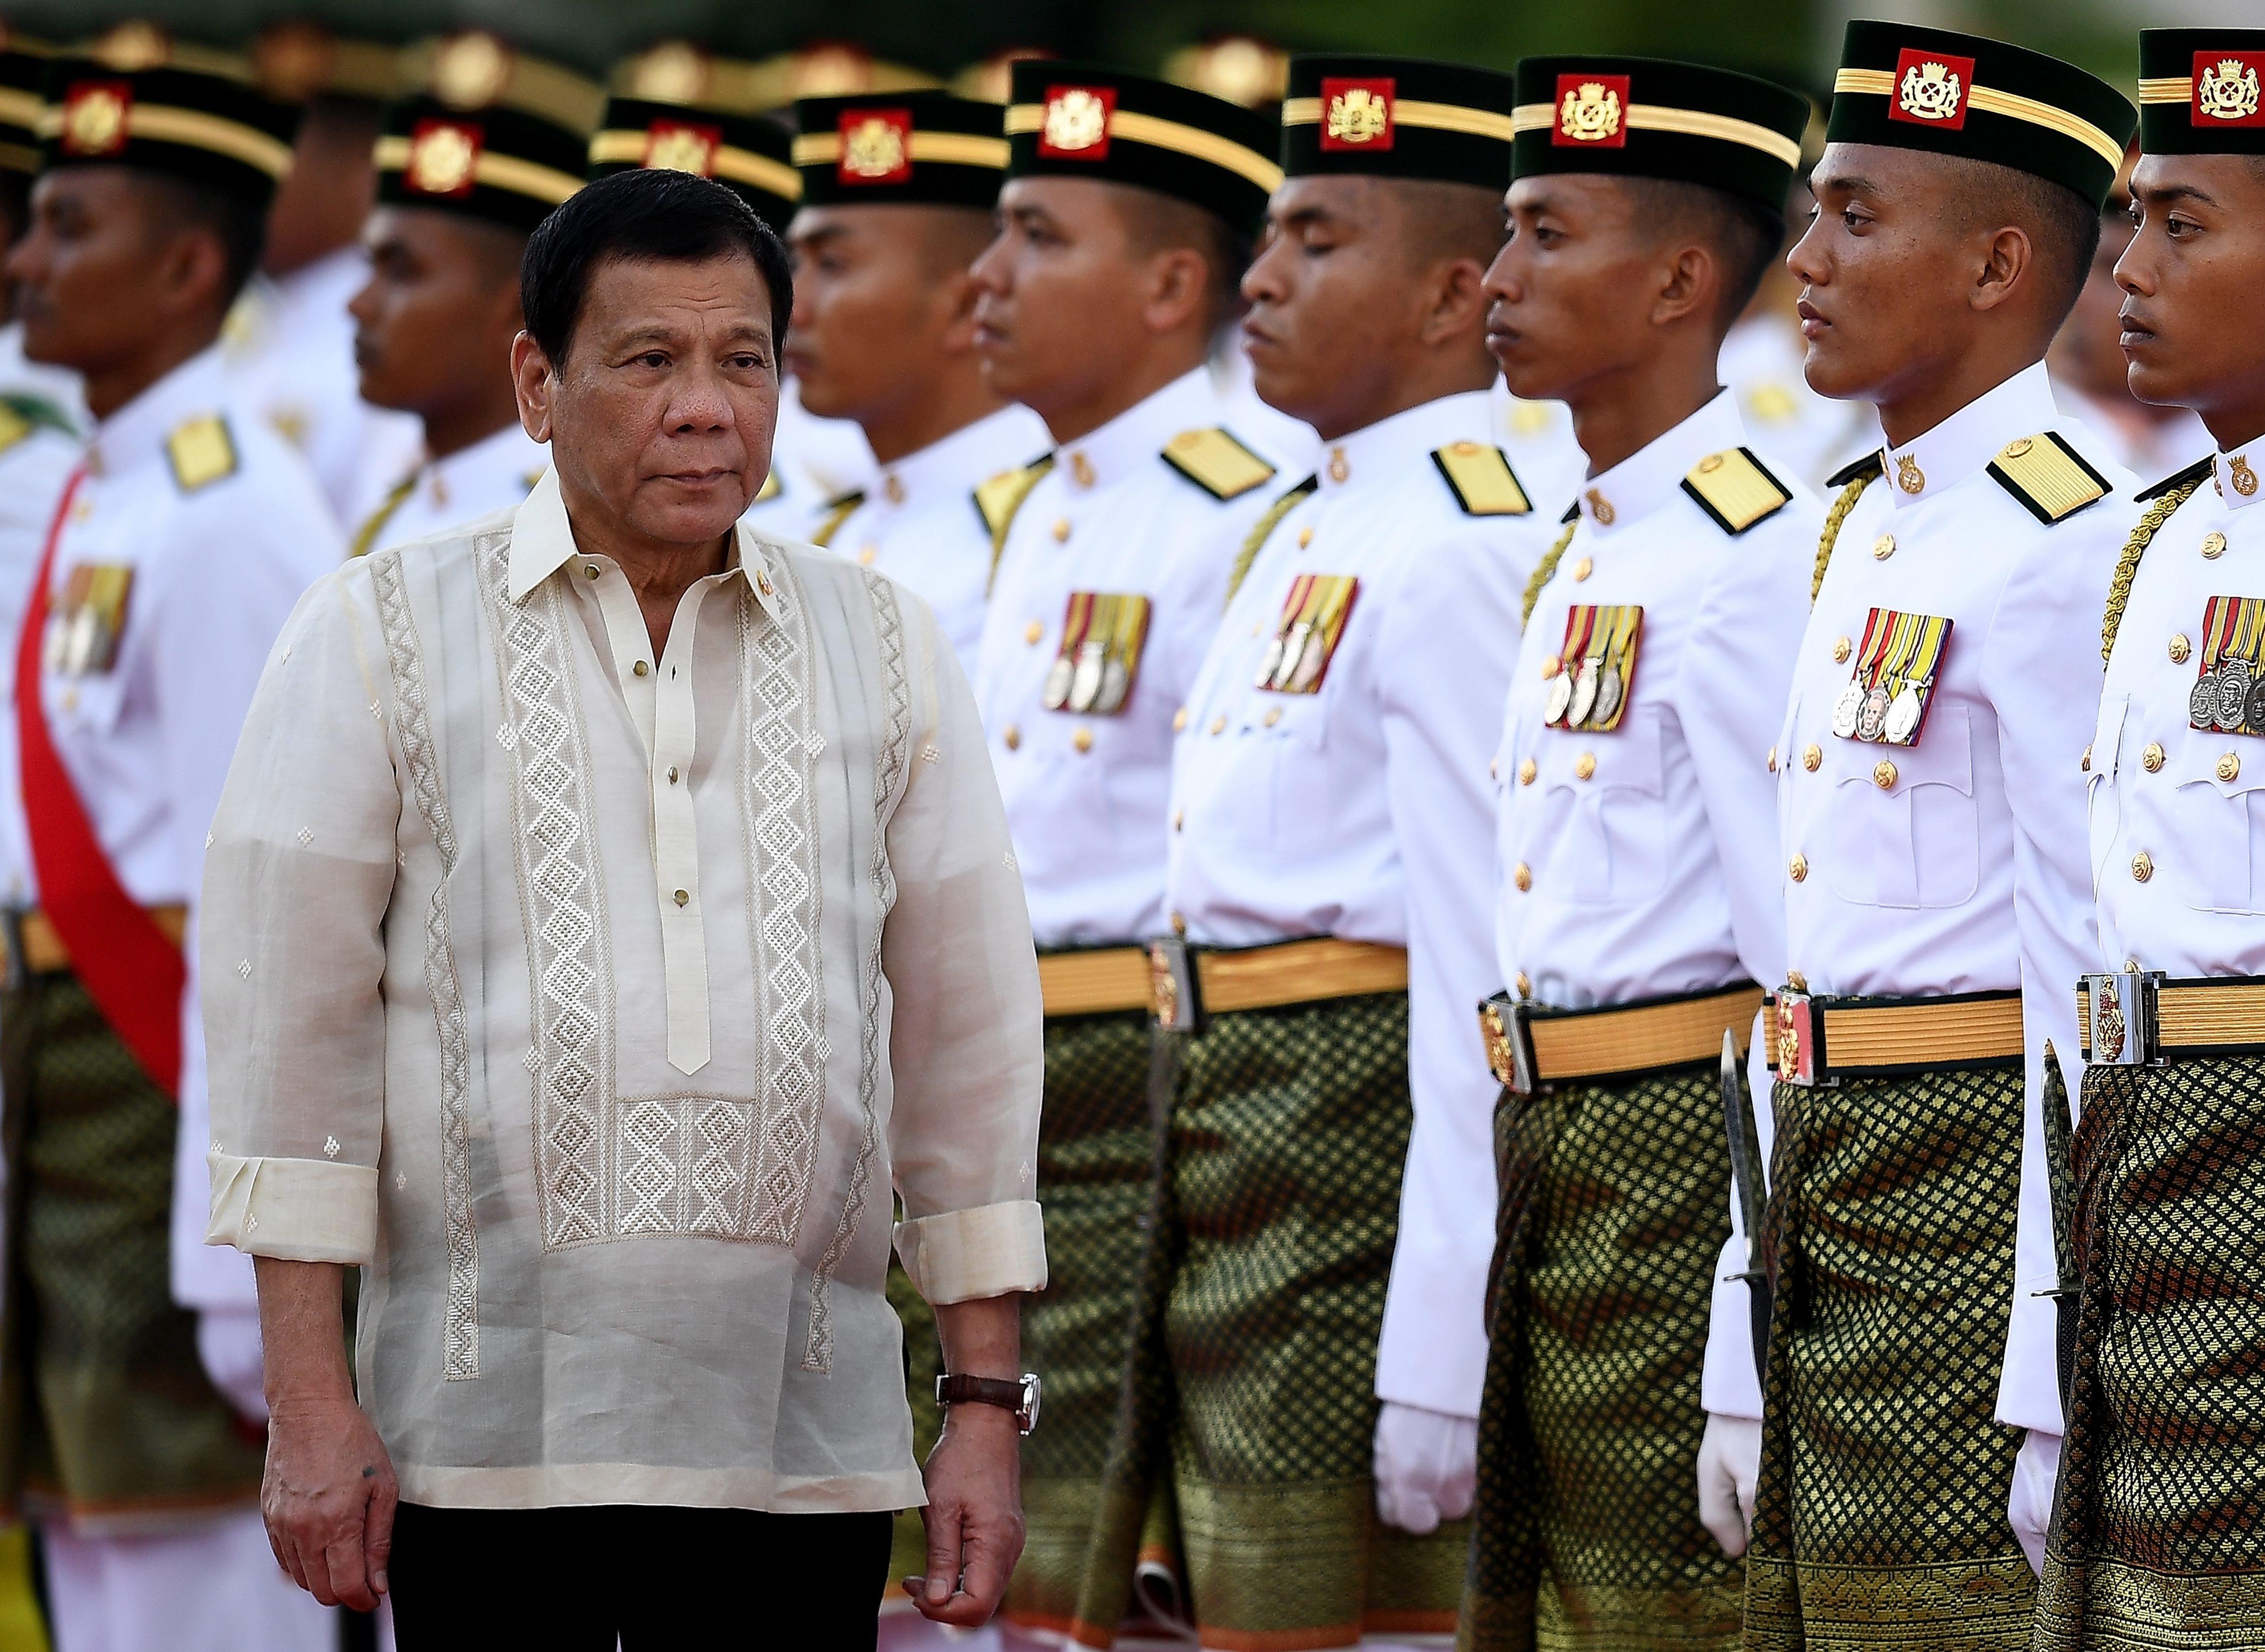 Rodrigo Duterte elismerte, hogy saját kezűleg végzett ki embereket, amikor polgármester volt